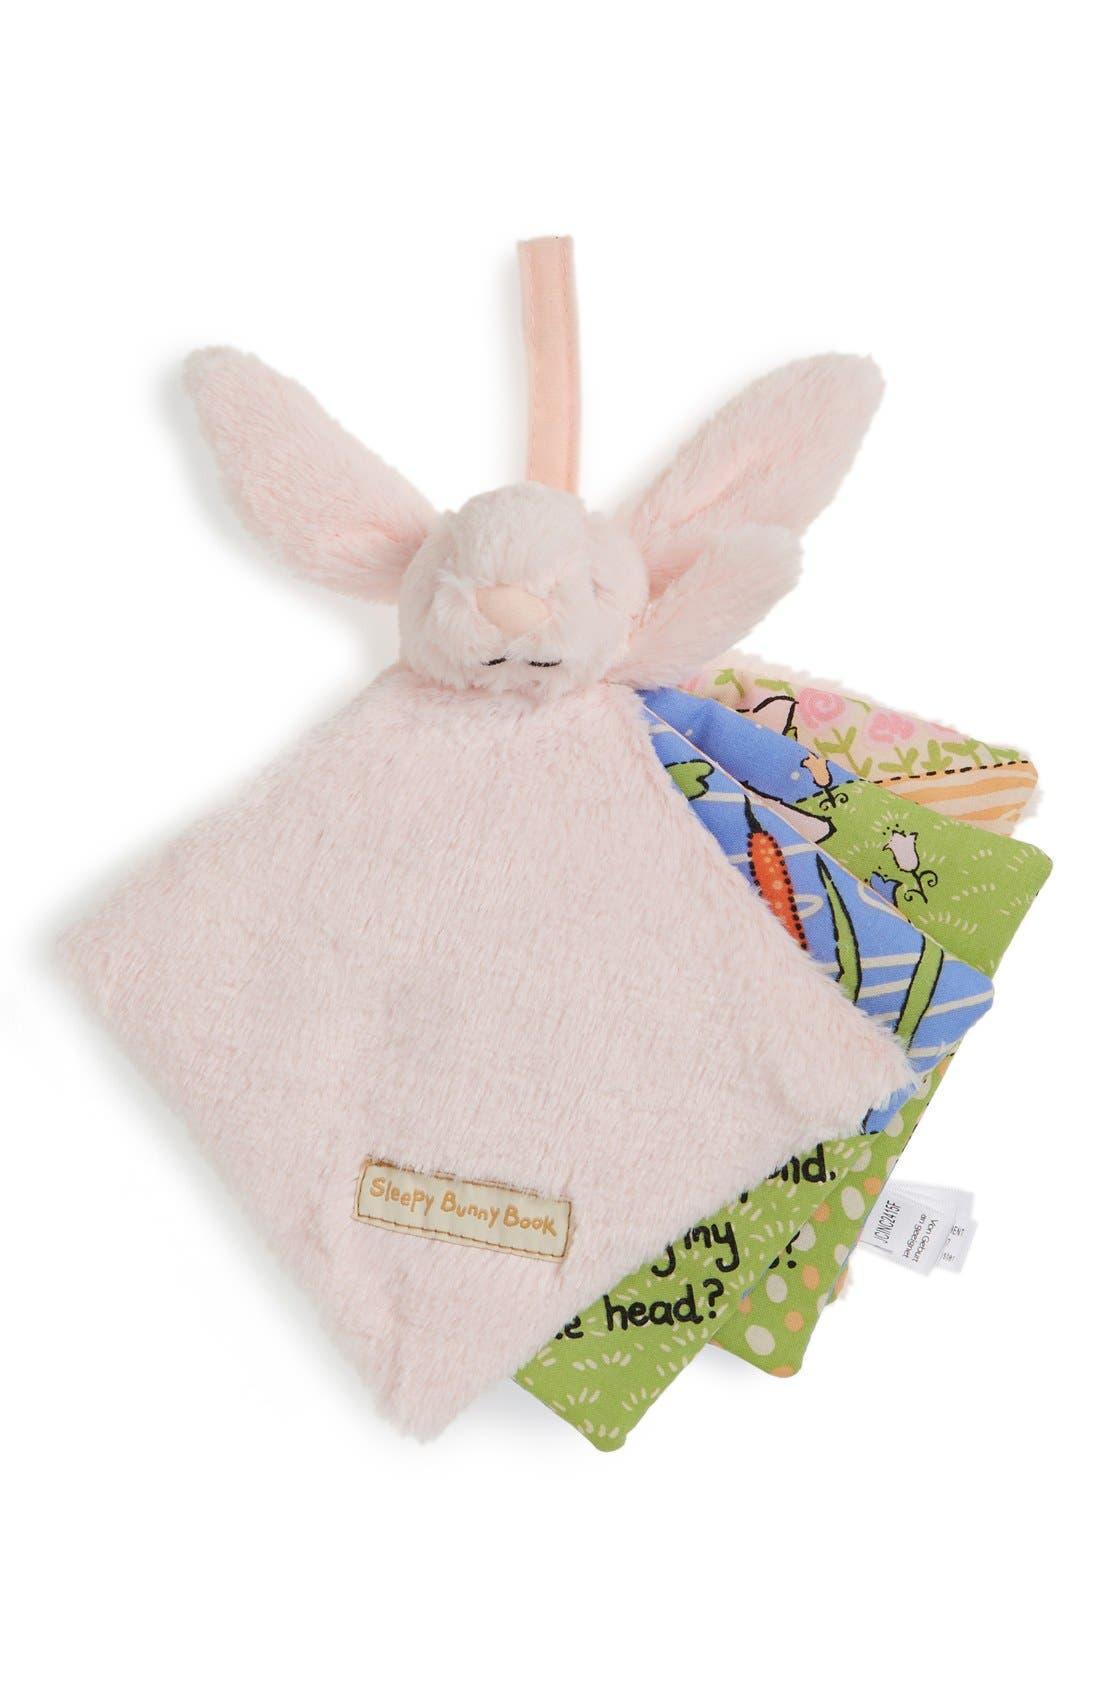 'Sleepy Bunny' Soft Fabric Book,                             Main thumbnail 1, color,